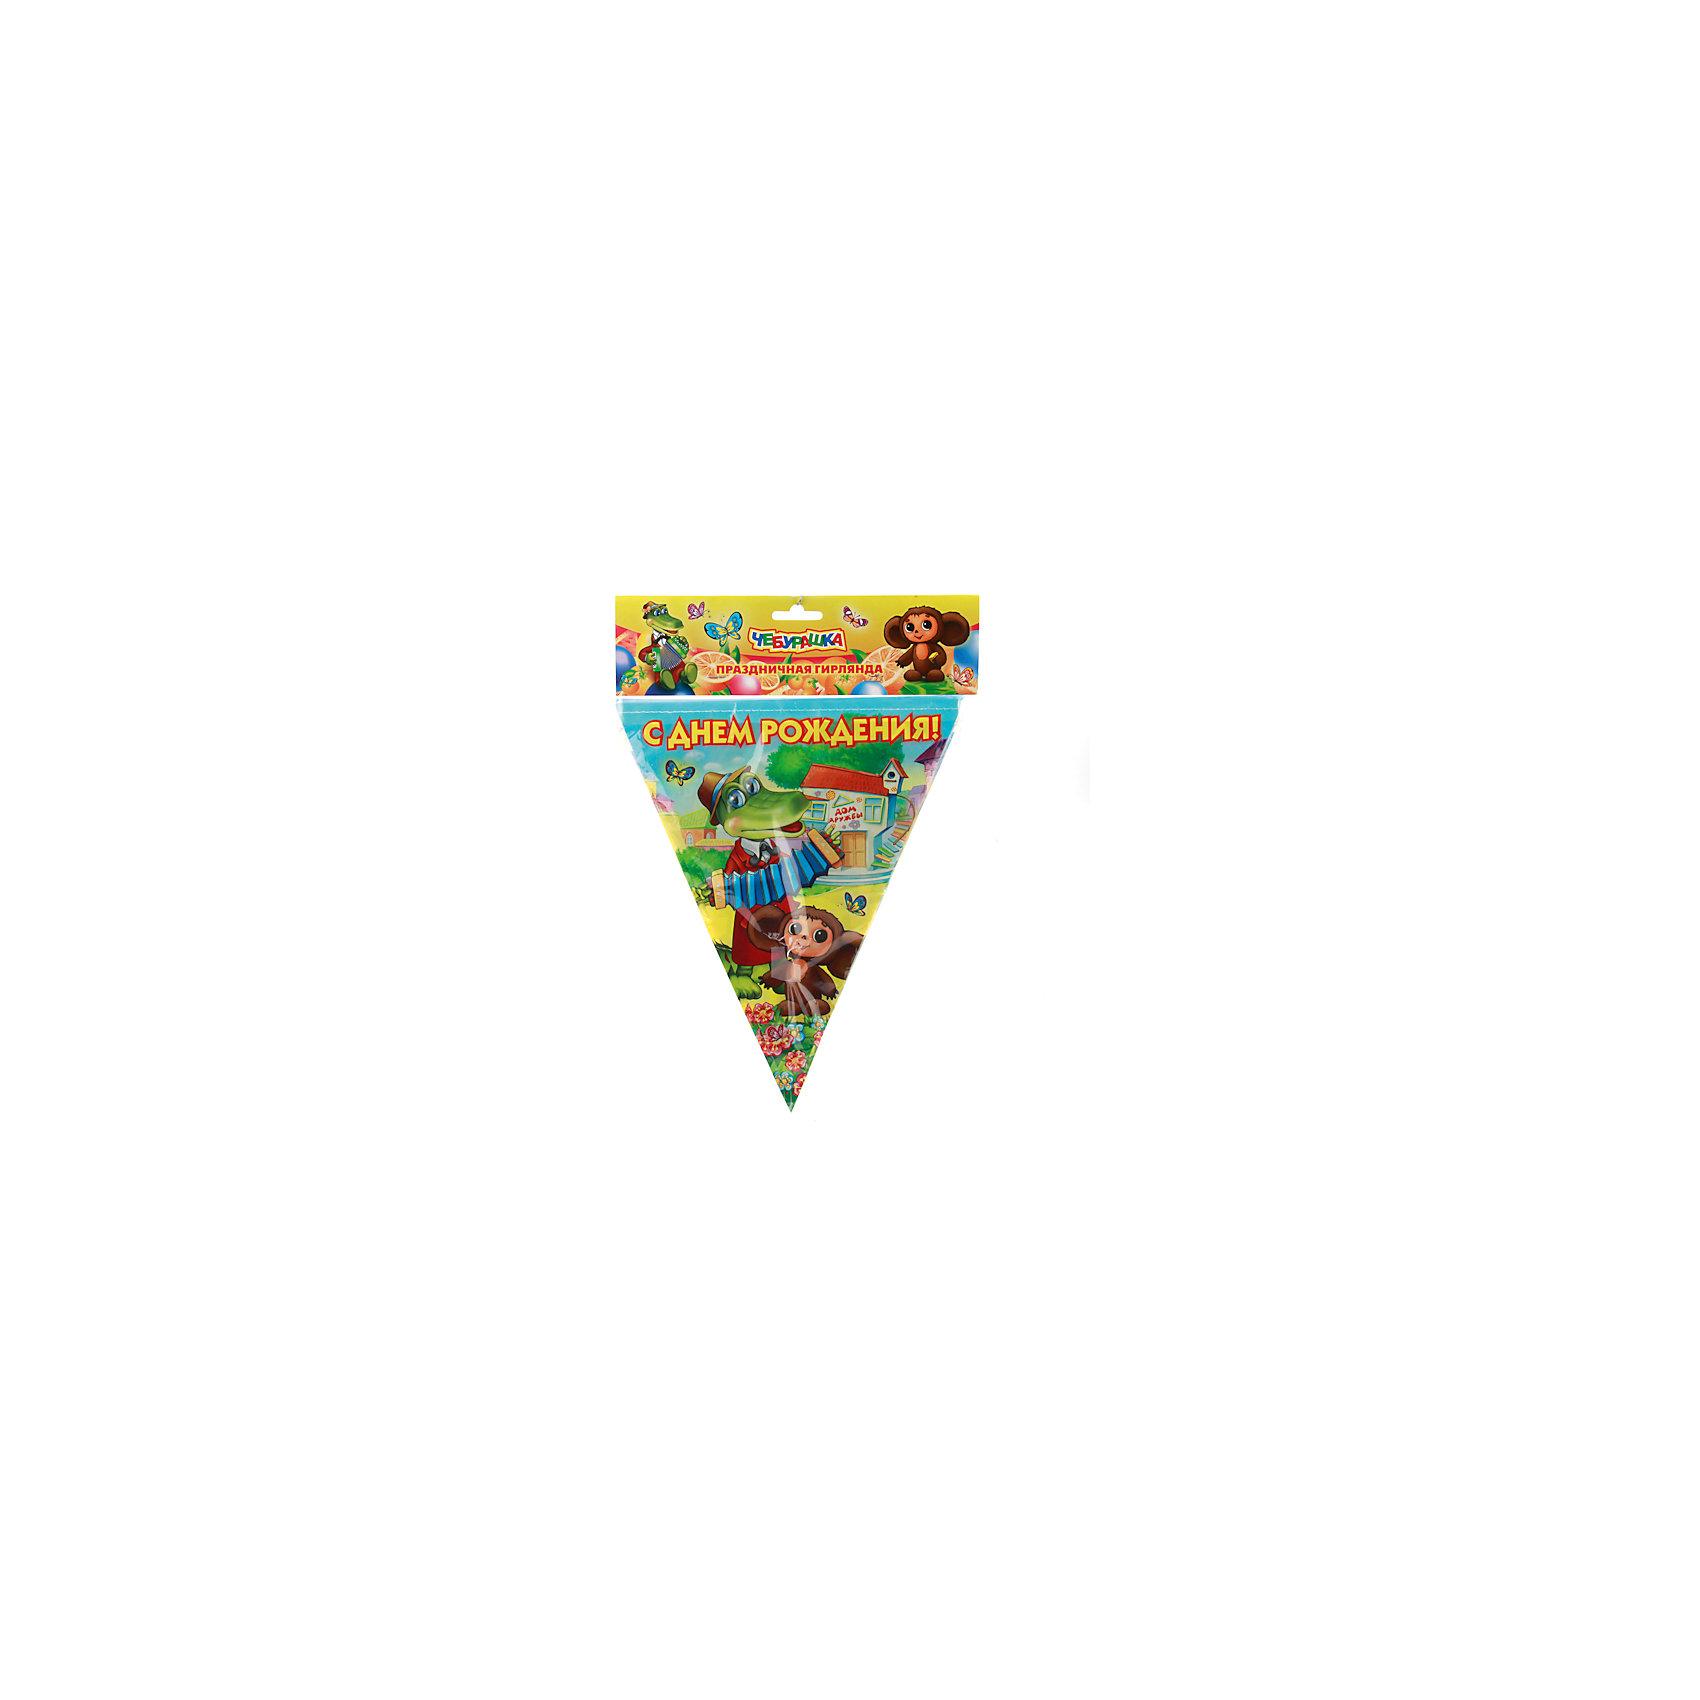 Гирлянда-флаг ЧебурашкаГирлянда-флаг Весёлый праздник дизайн Чебурашка 300 см.<br><br>Ширина мм: 320<br>Глубина мм: 240<br>Высота мм: 10<br>Вес г: 20<br>Возраст от месяцев: 12<br>Возраст до месяцев: 72<br>Пол: Унисекс<br>Возраст: Детский<br>SKU: 5196935